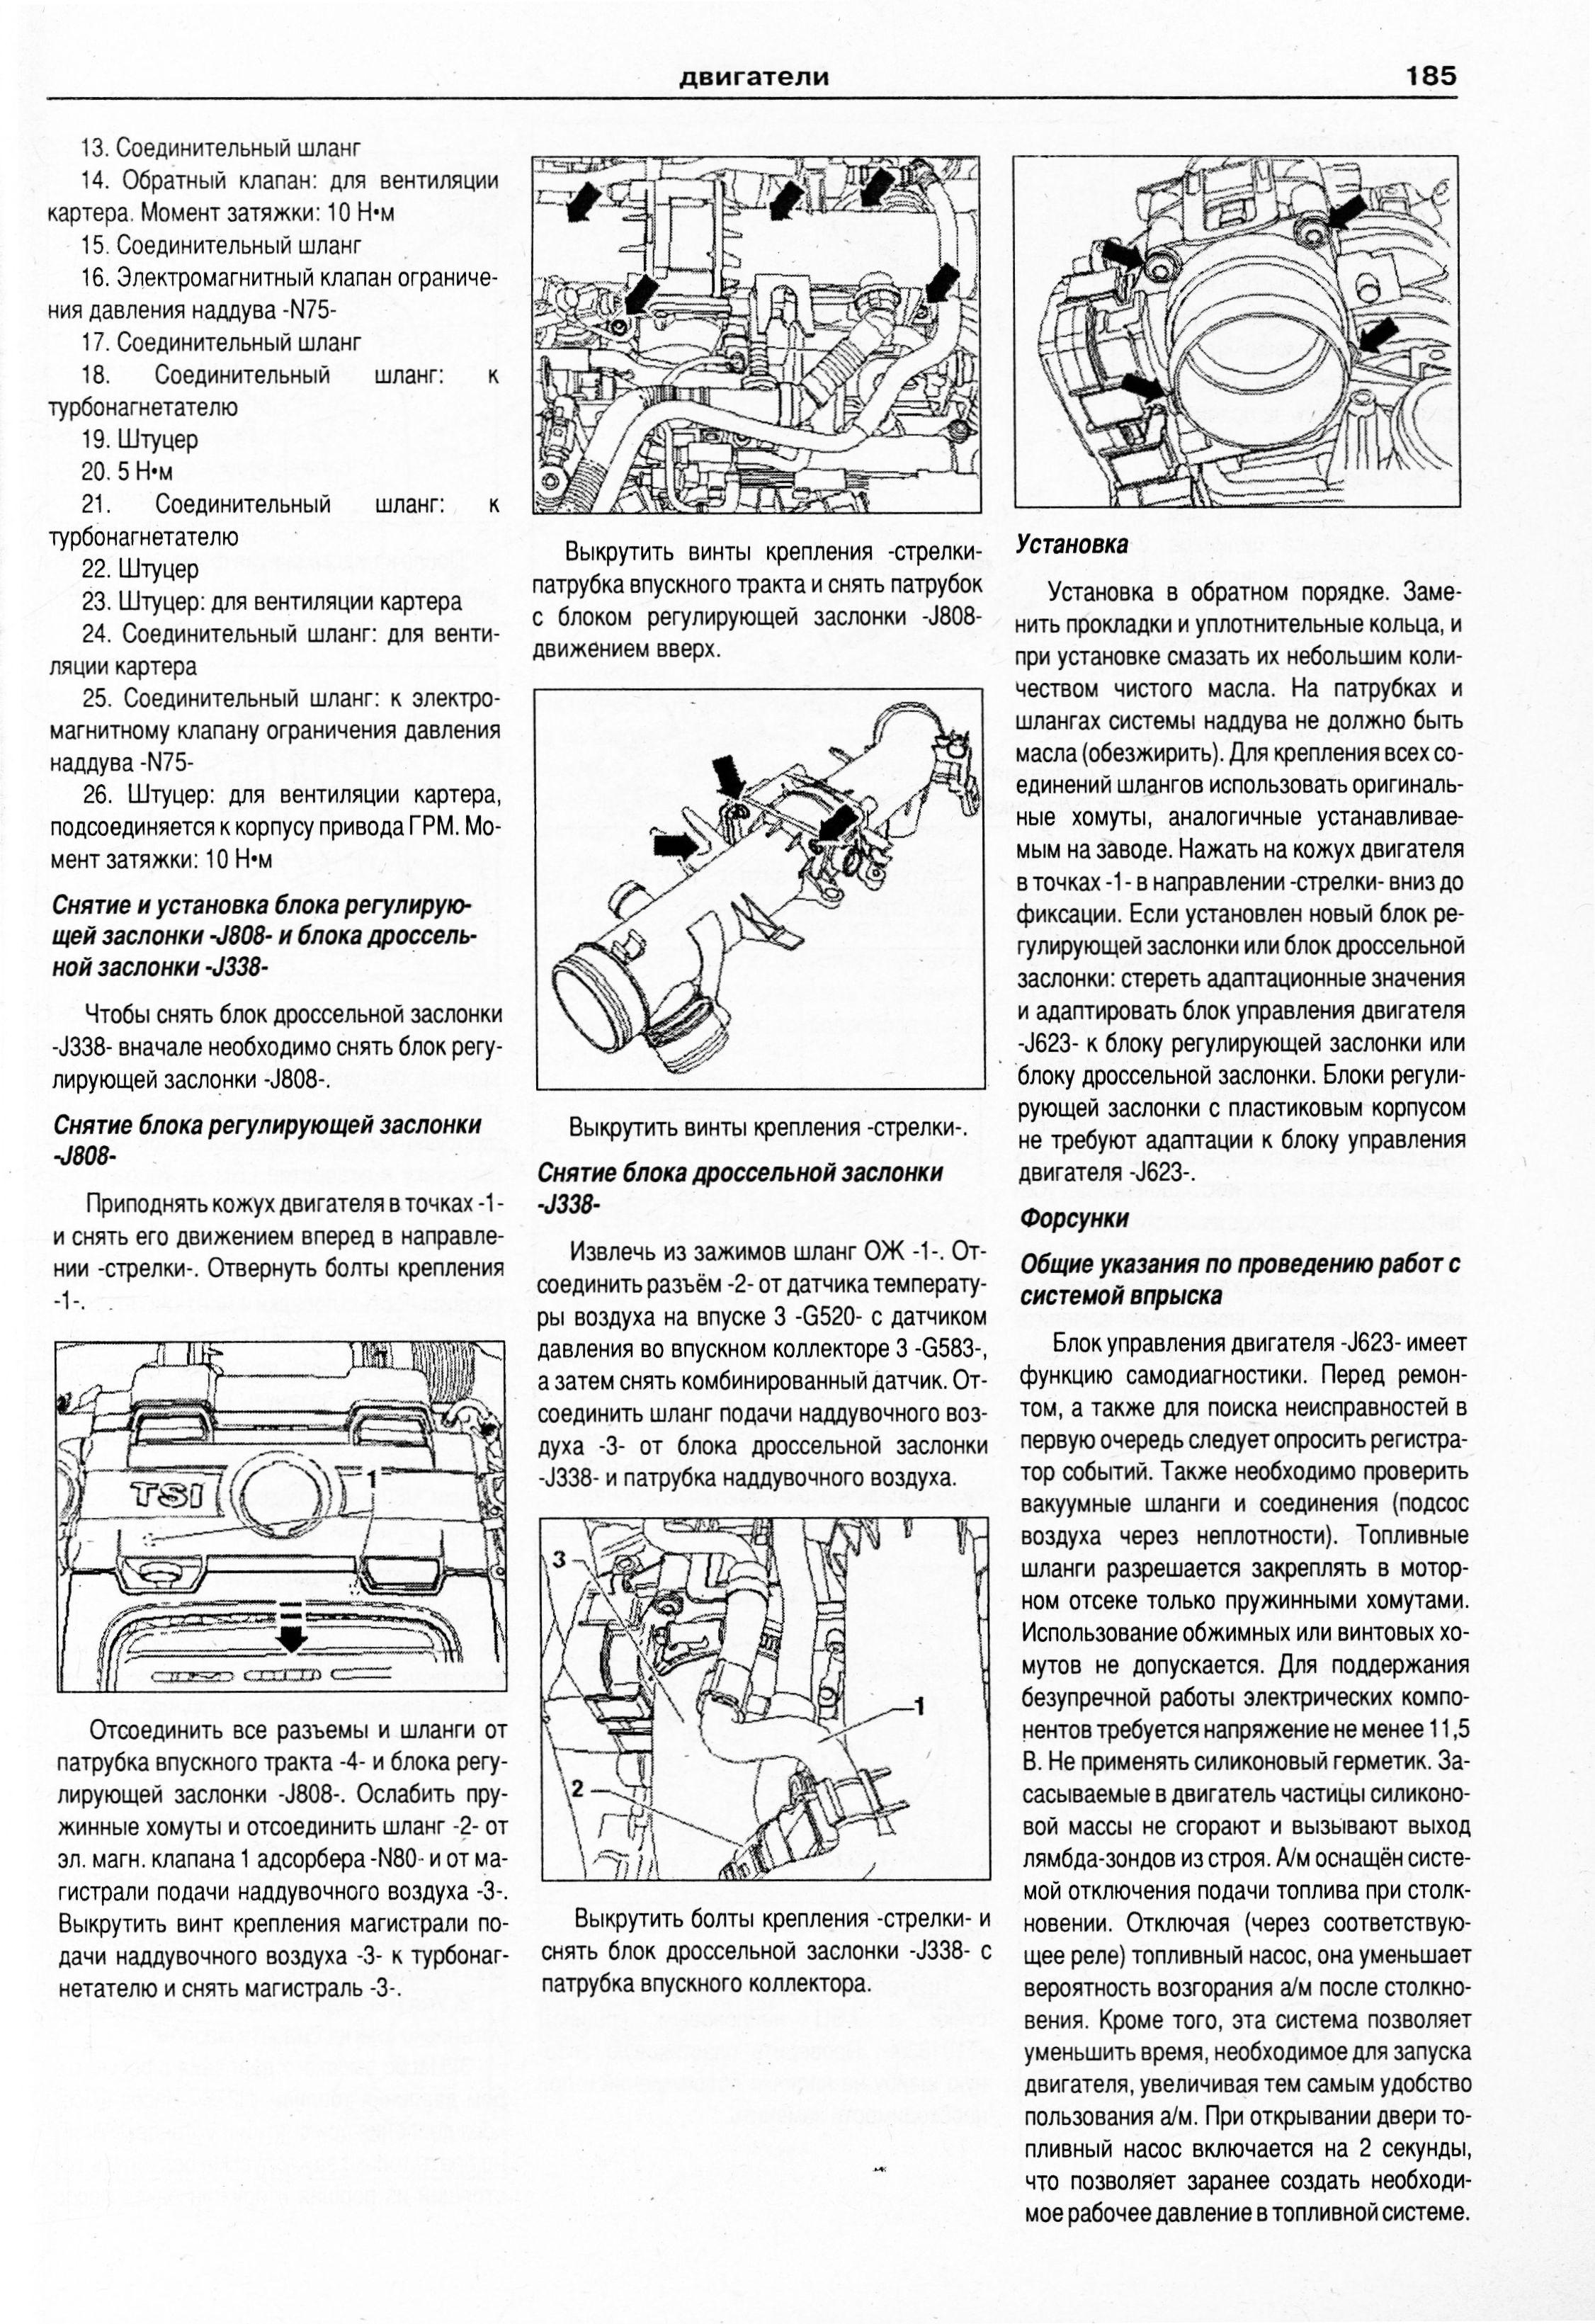 руководство по эксплуатации фольксваген тигуан 2013 скачать